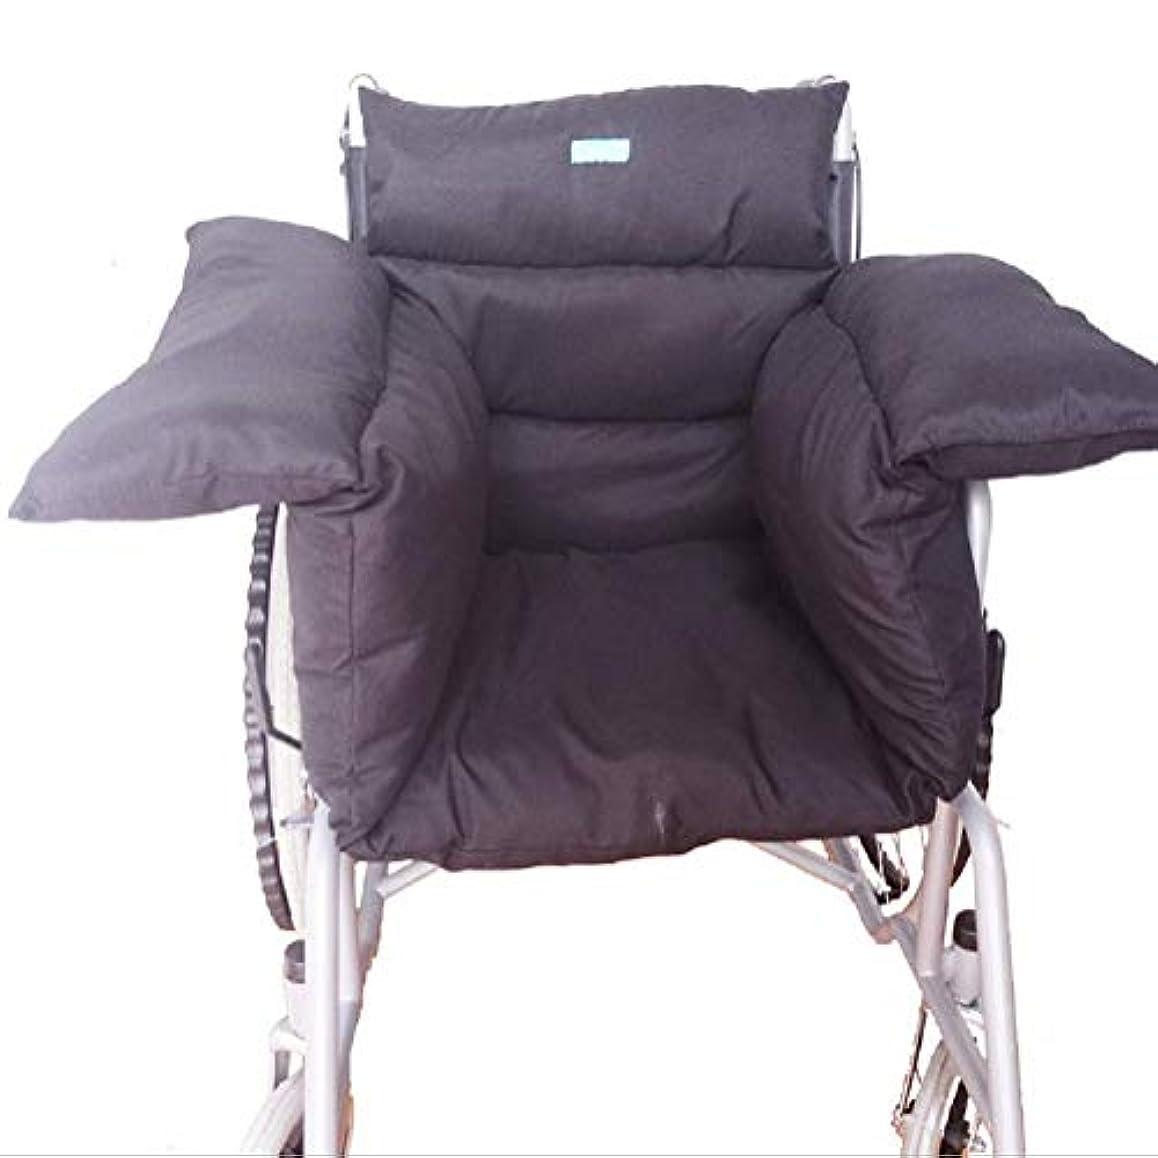 目の前の白雪姫支援車椅子用シートクッション、麻痺高齢者の長時間座っに最適、寛大なサイズ、保温性、洗える合計車椅子枕